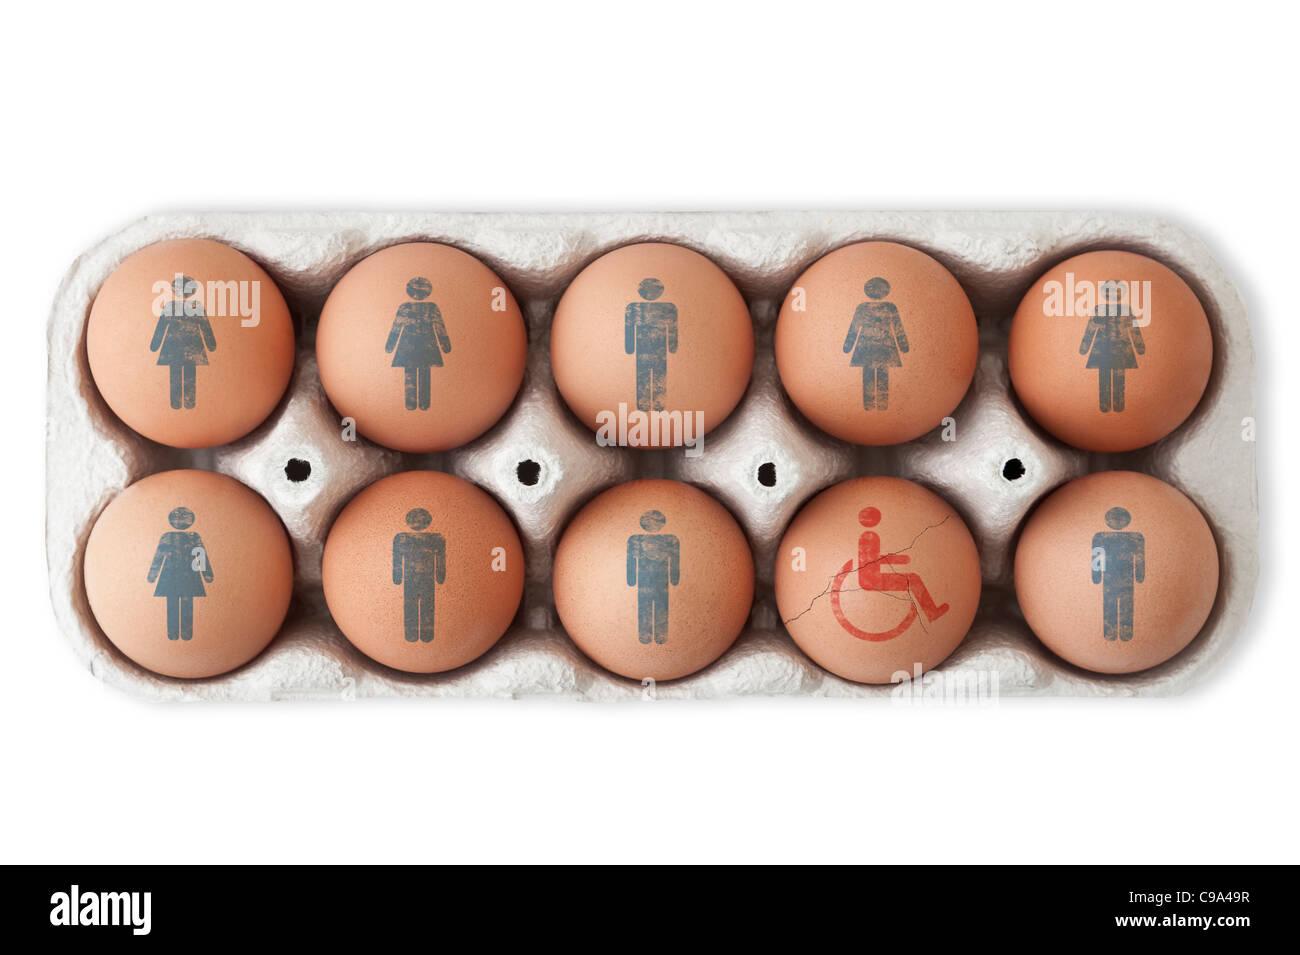 Confezione di uova. Maschio e femmina di simboli su nove di essi e un uovo rotto con un simbolo disabili su di esso. Immagini Stock